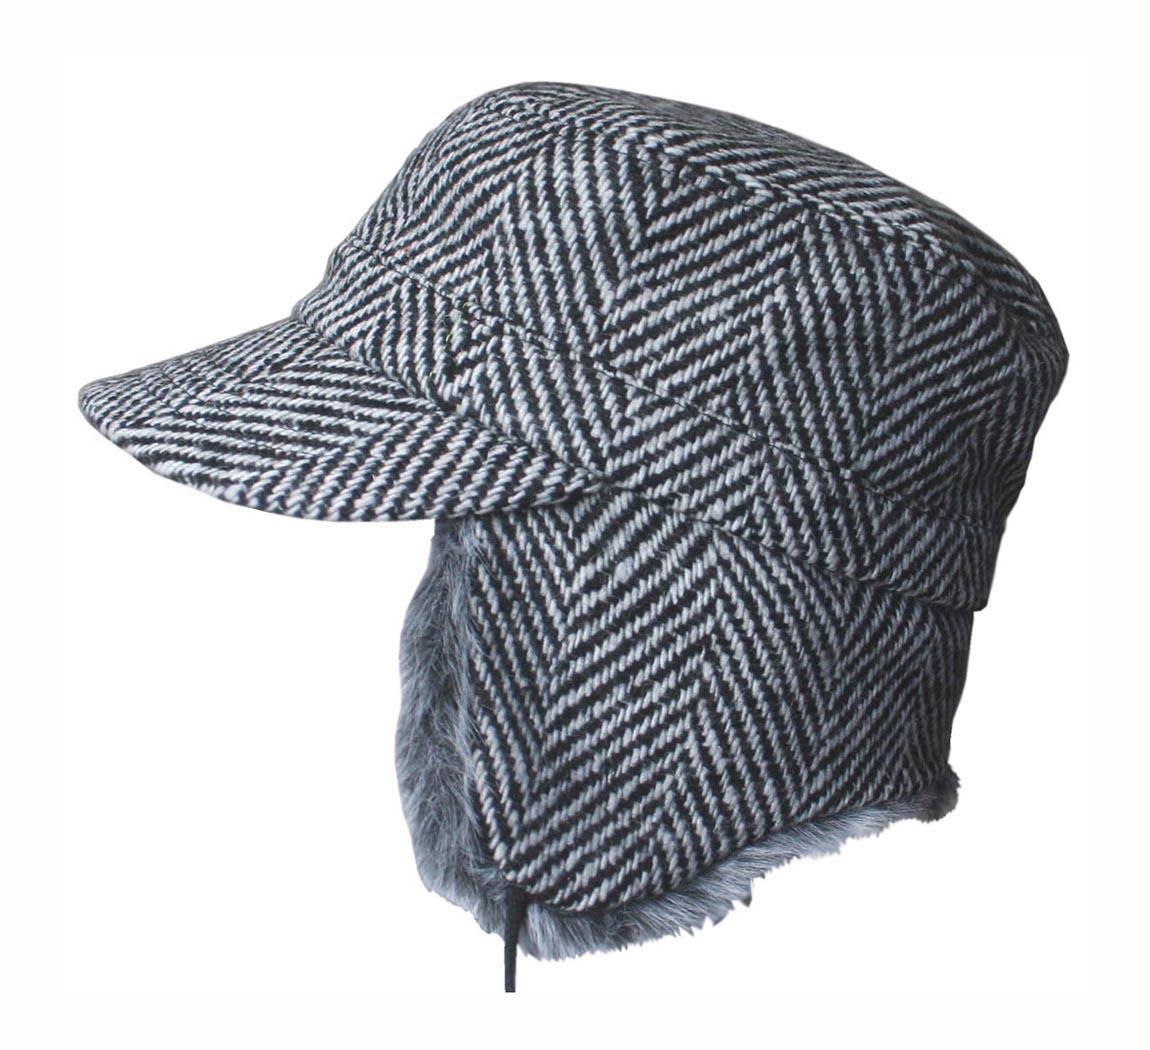 chapka femme chapka casquette conte de no l bonnet. Black Bedroom Furniture Sets. Home Design Ideas